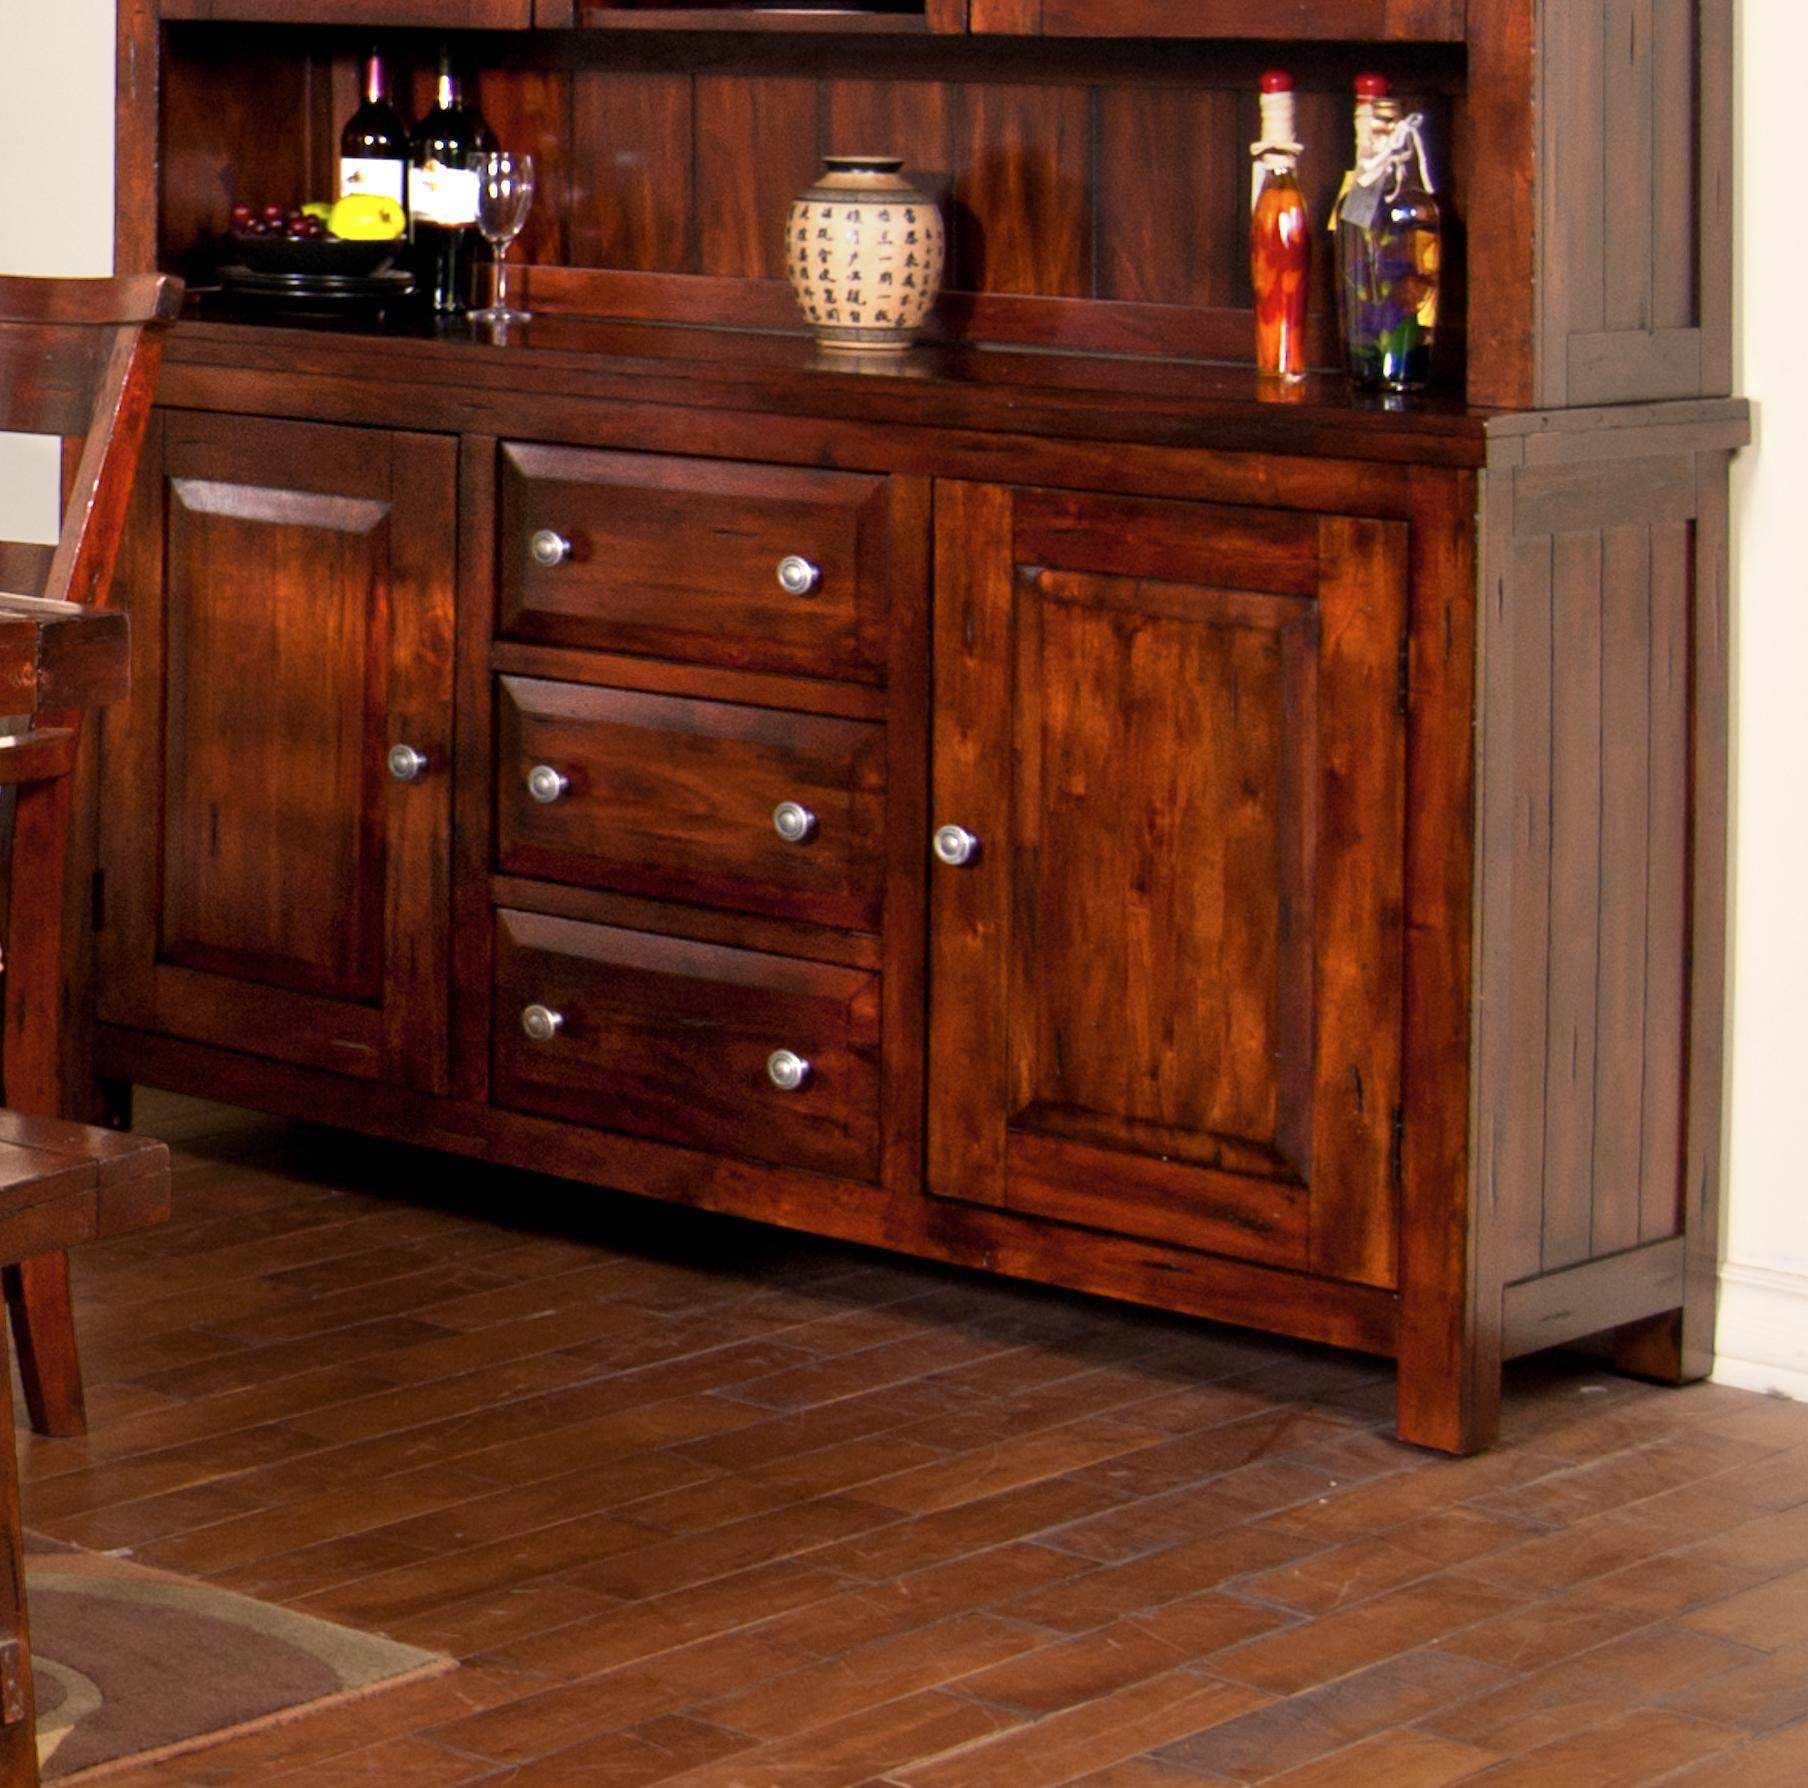 Mahogany Buffet By Sunny Designs